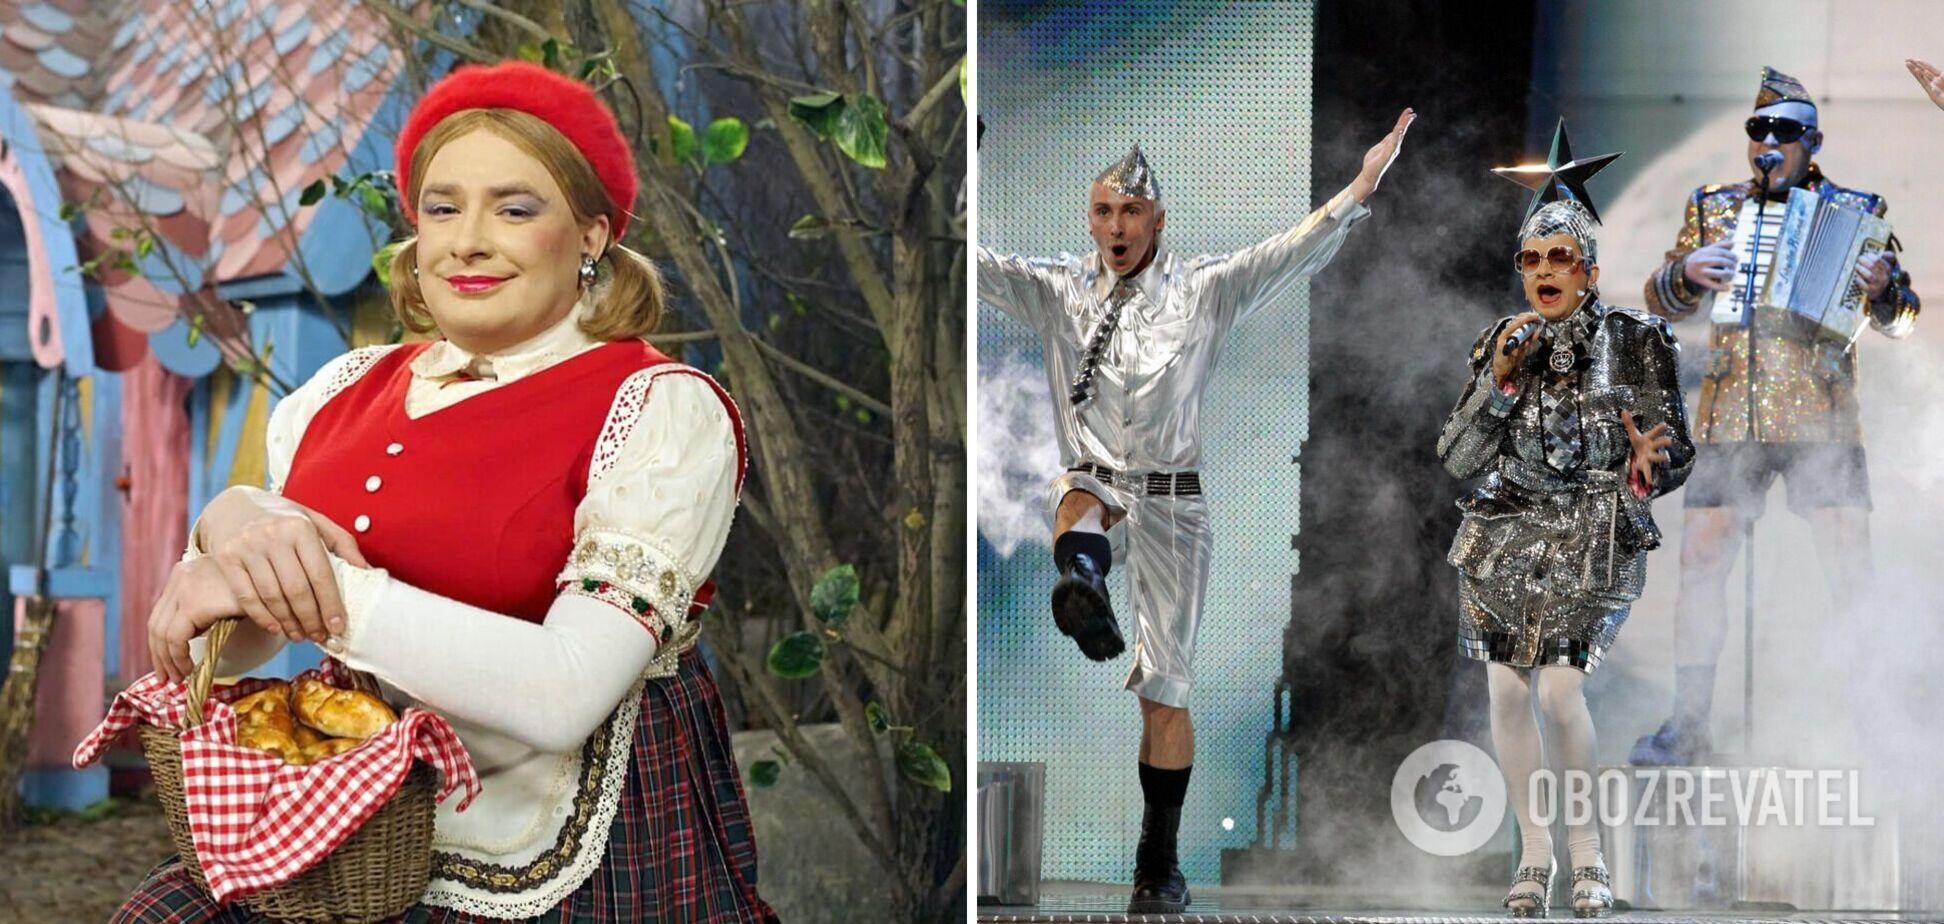 Андрію Данилку – 48: найяскравіші виступи Сердючки, які увійшли в історію. Відео